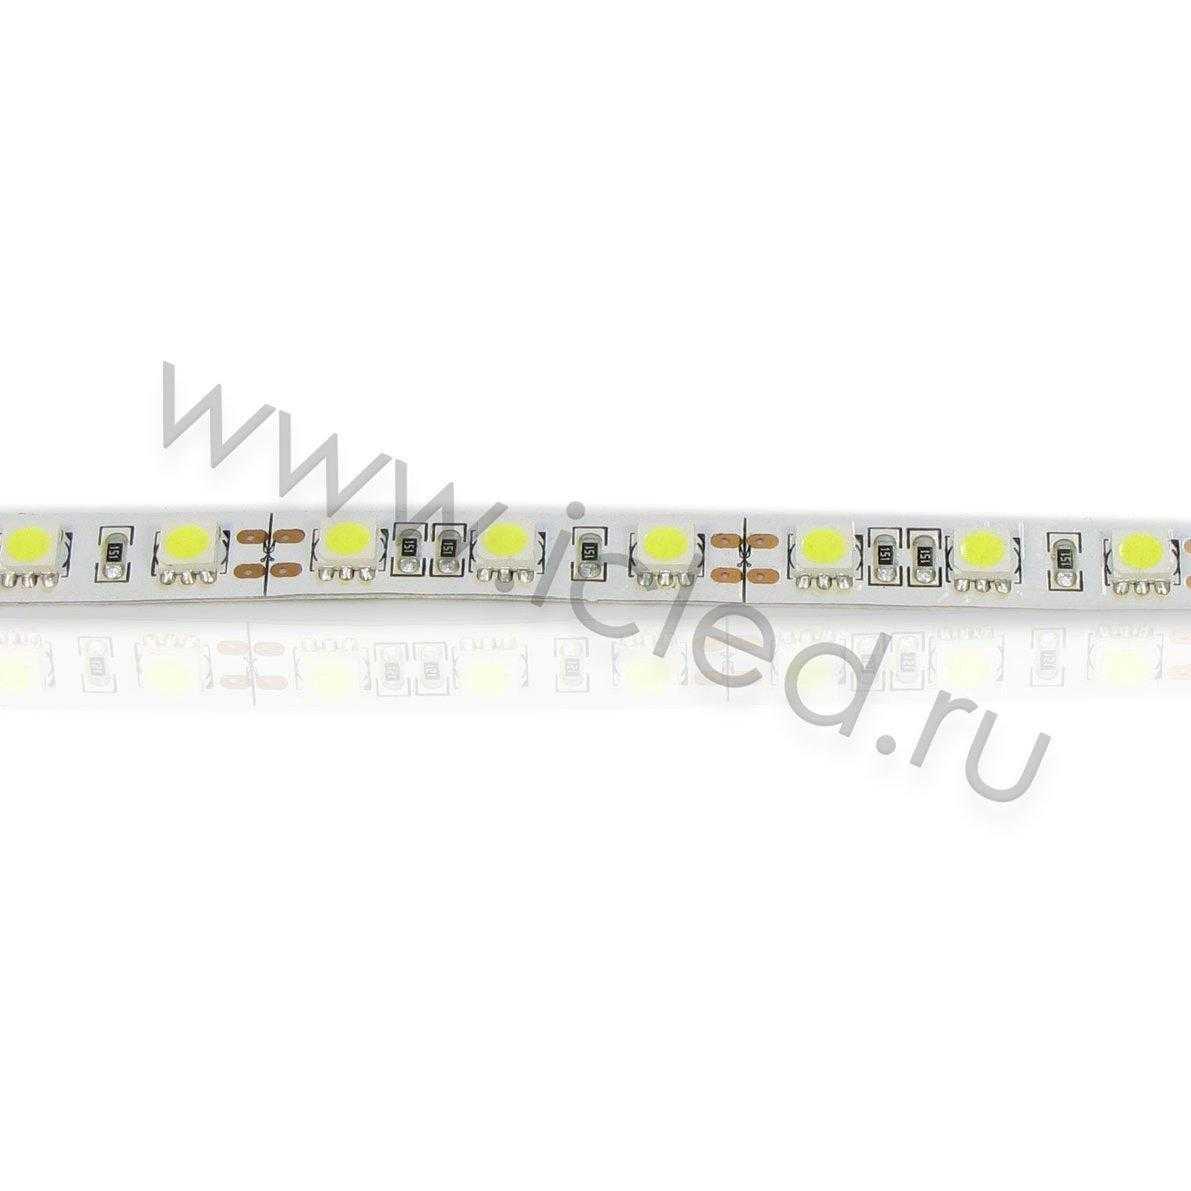 Светодиодная лента Class B, 5050, 72led/m, White, 12V, IP33